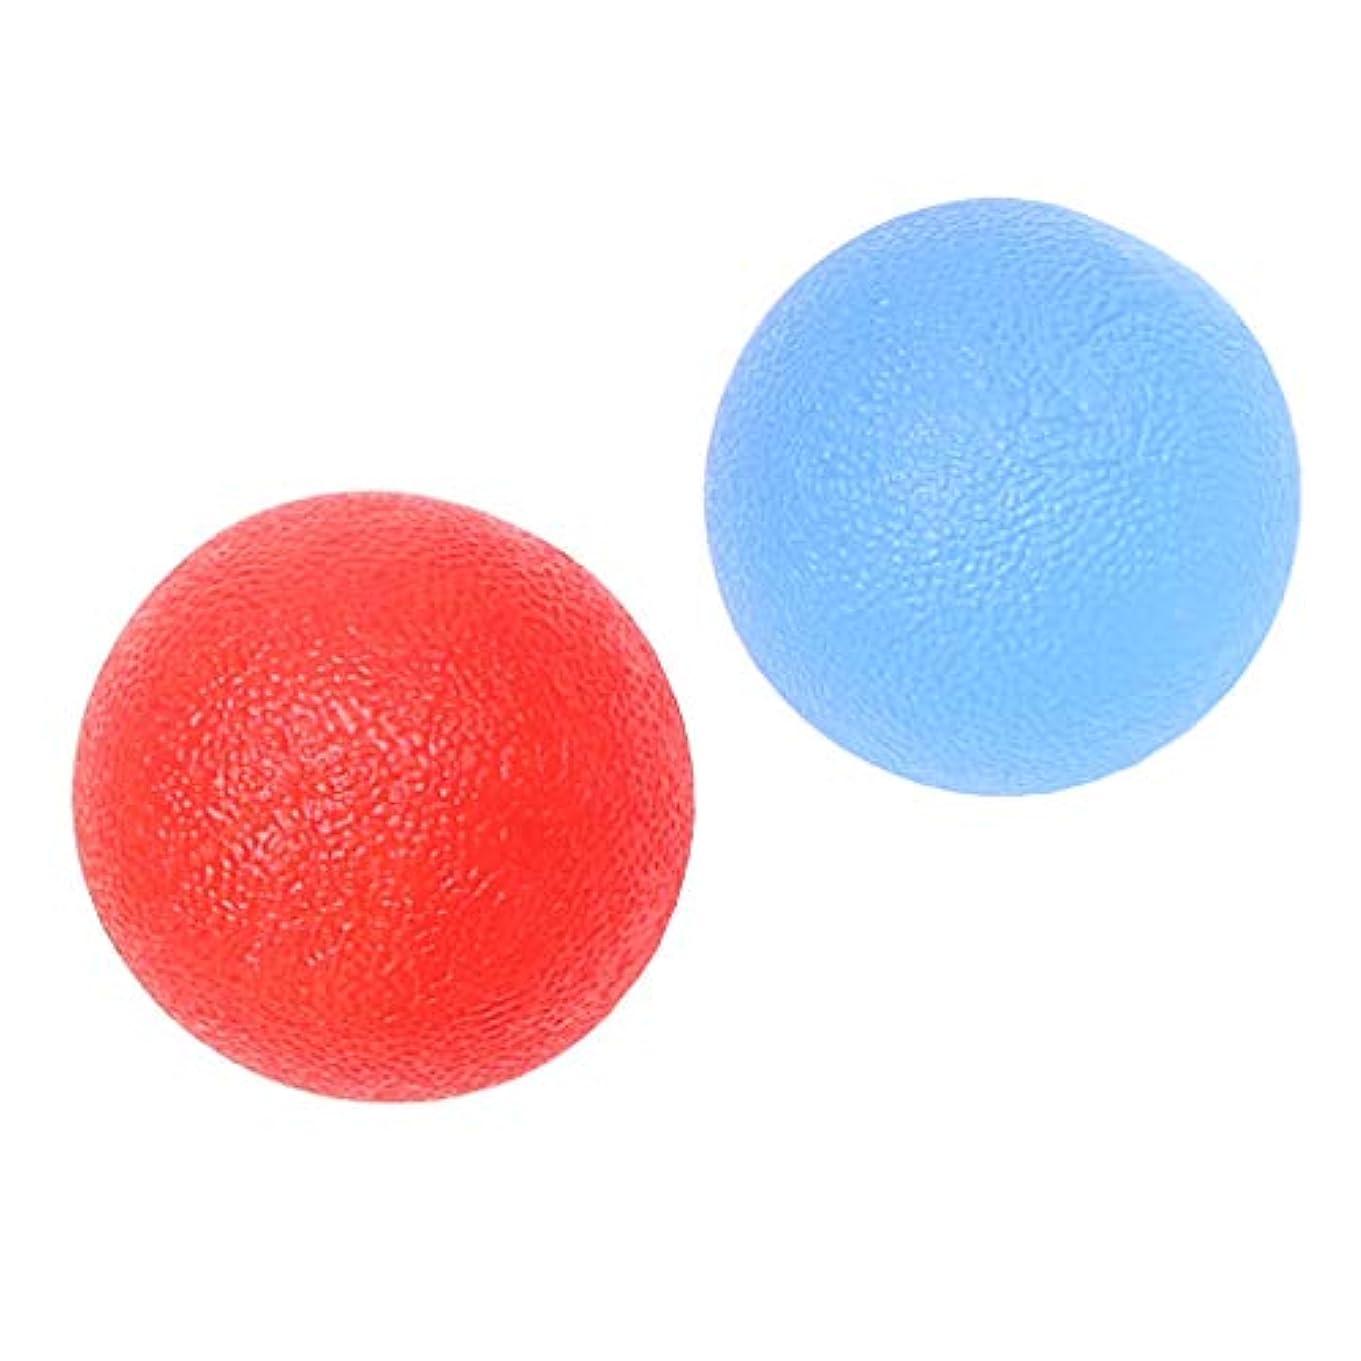 肝乙女変更可能Perfeclan ハンドエクササイズボール ハンドグリップ シリコン 指トレーニング ストレス緩和 贈り物 2個入